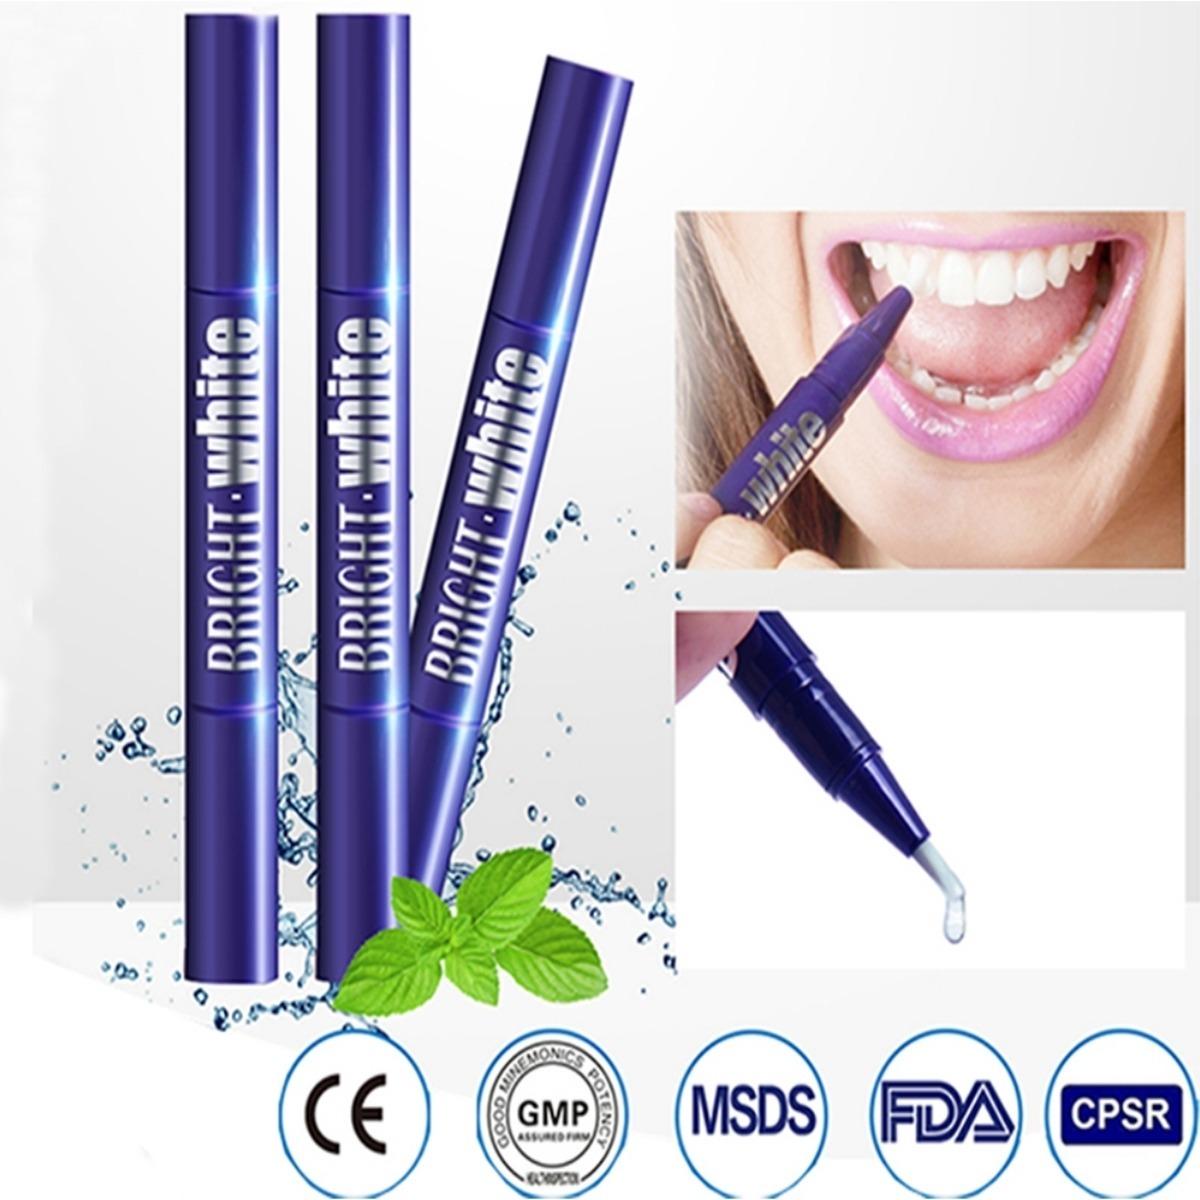 Caneta Para Clareamento Dental Profissional Gel Bright White R 19